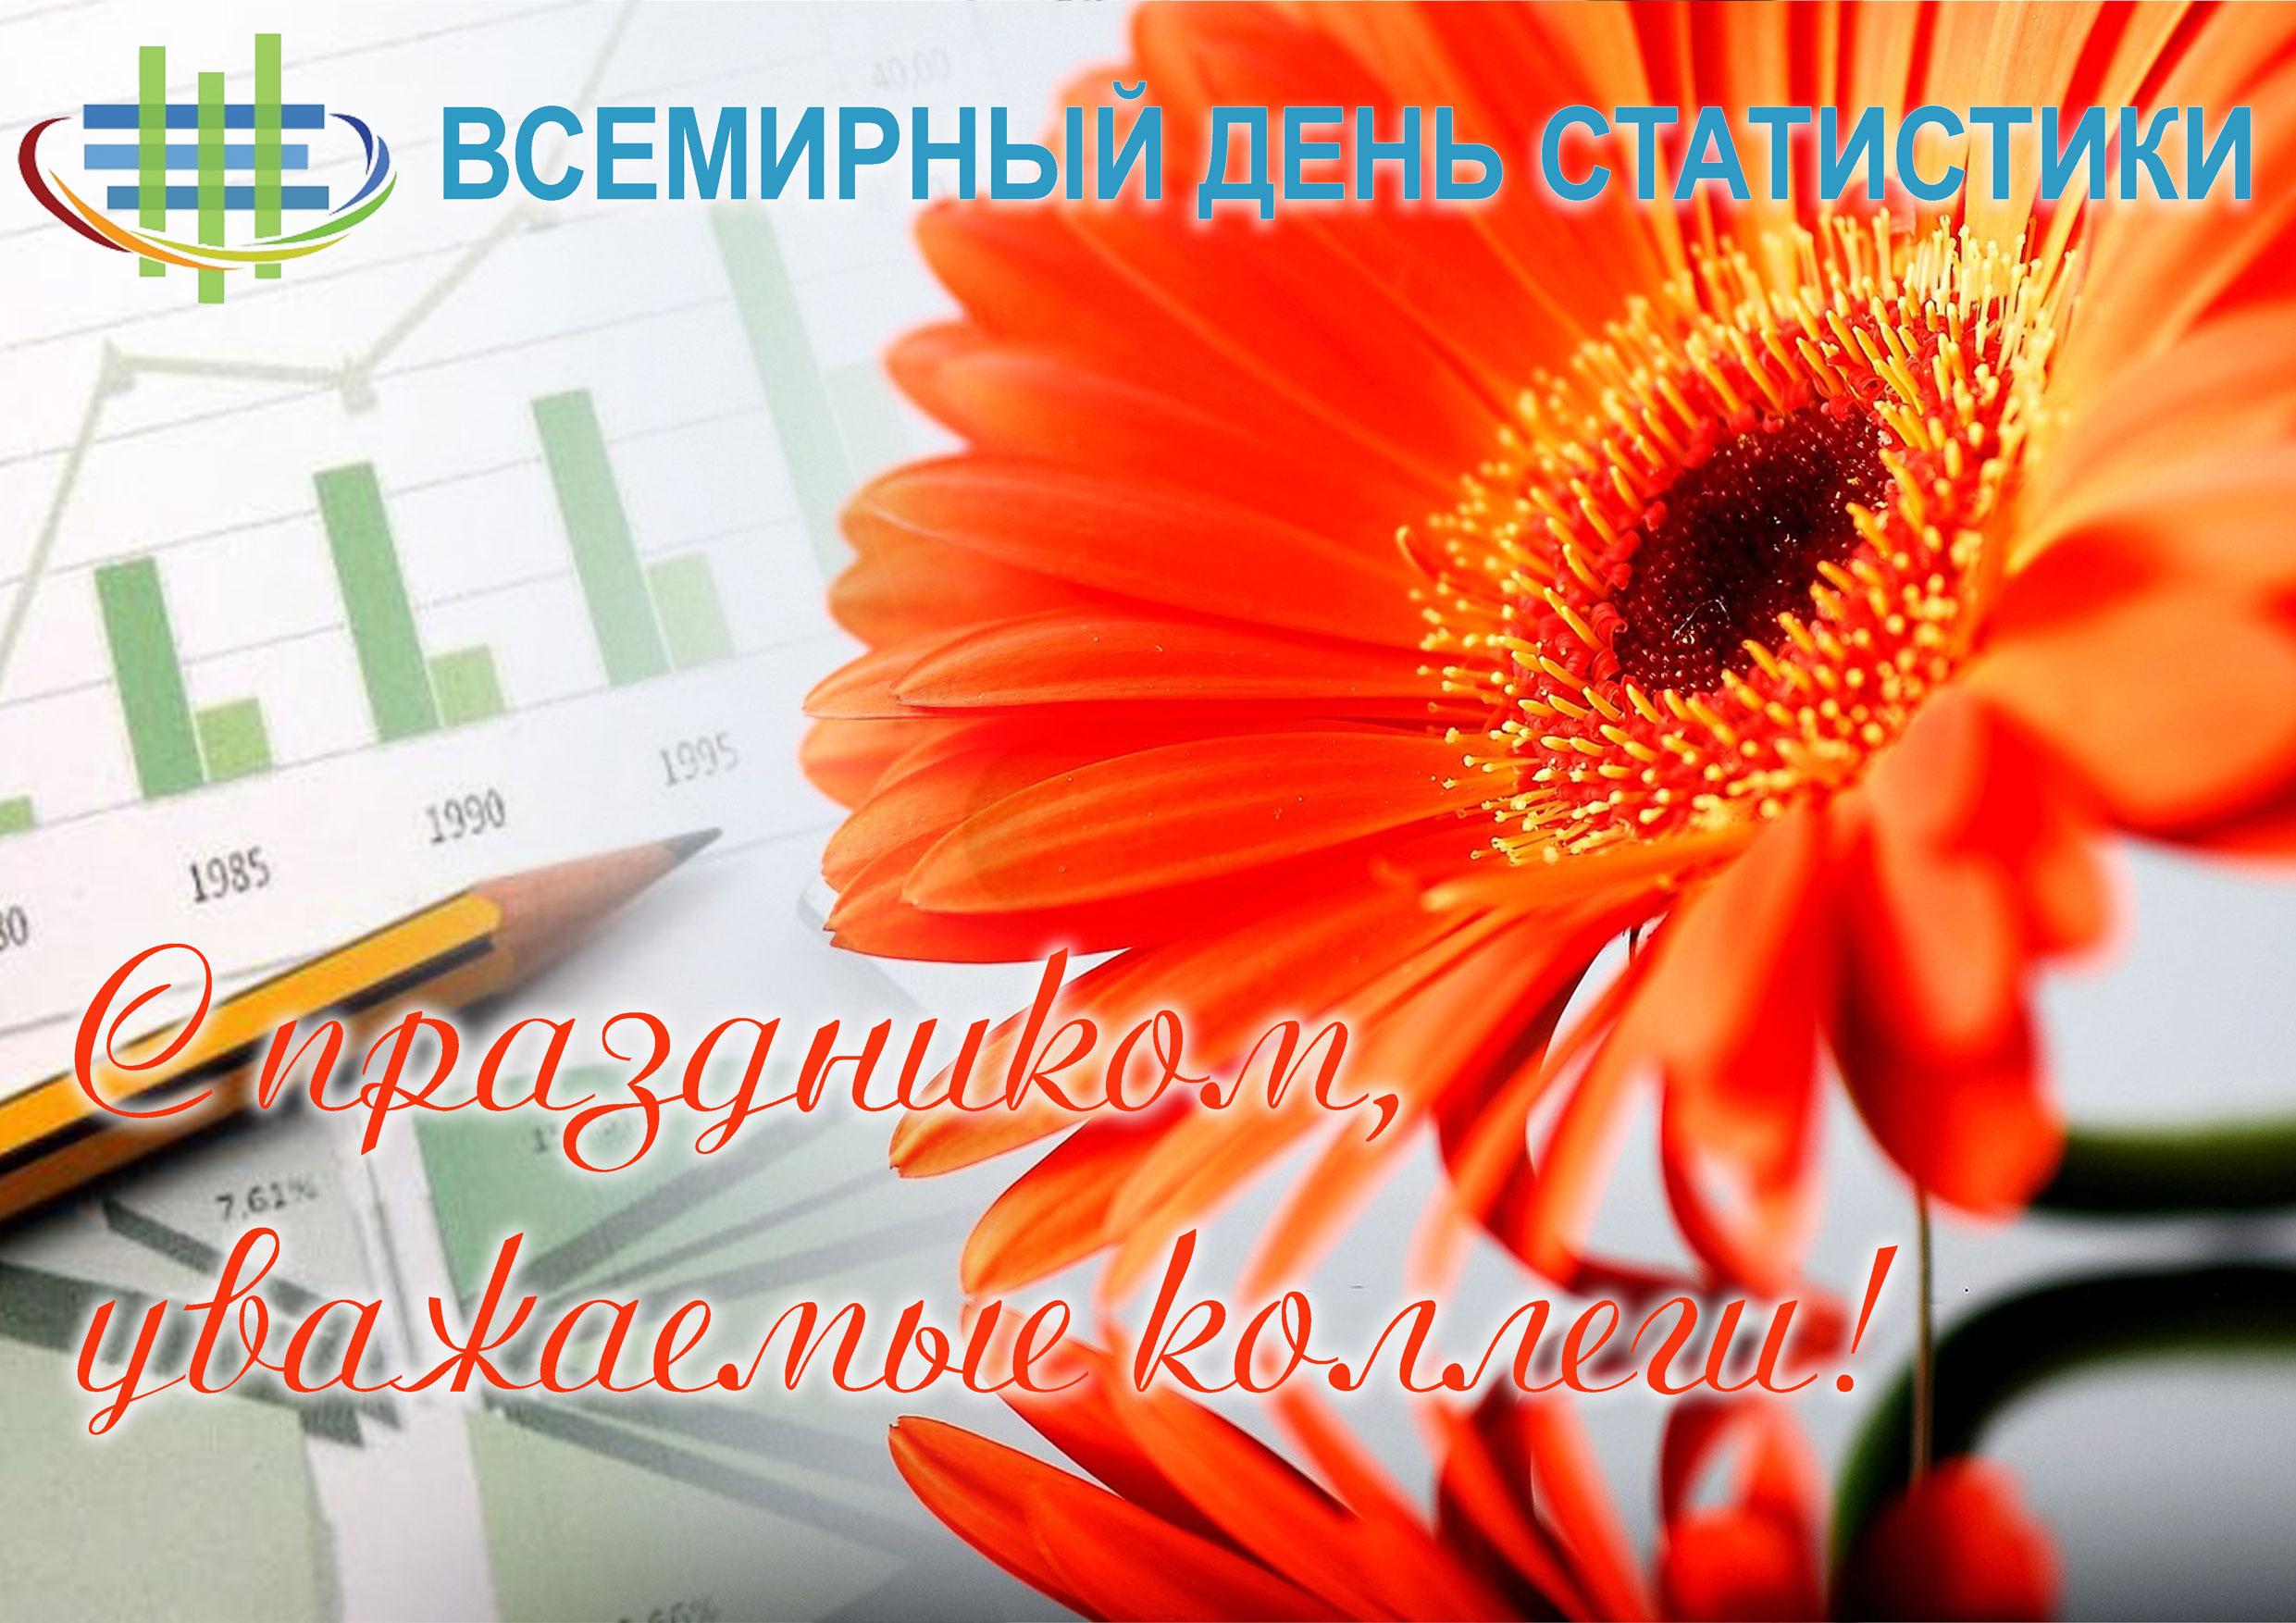 Поздравления с открыткой к дню статистики, марта